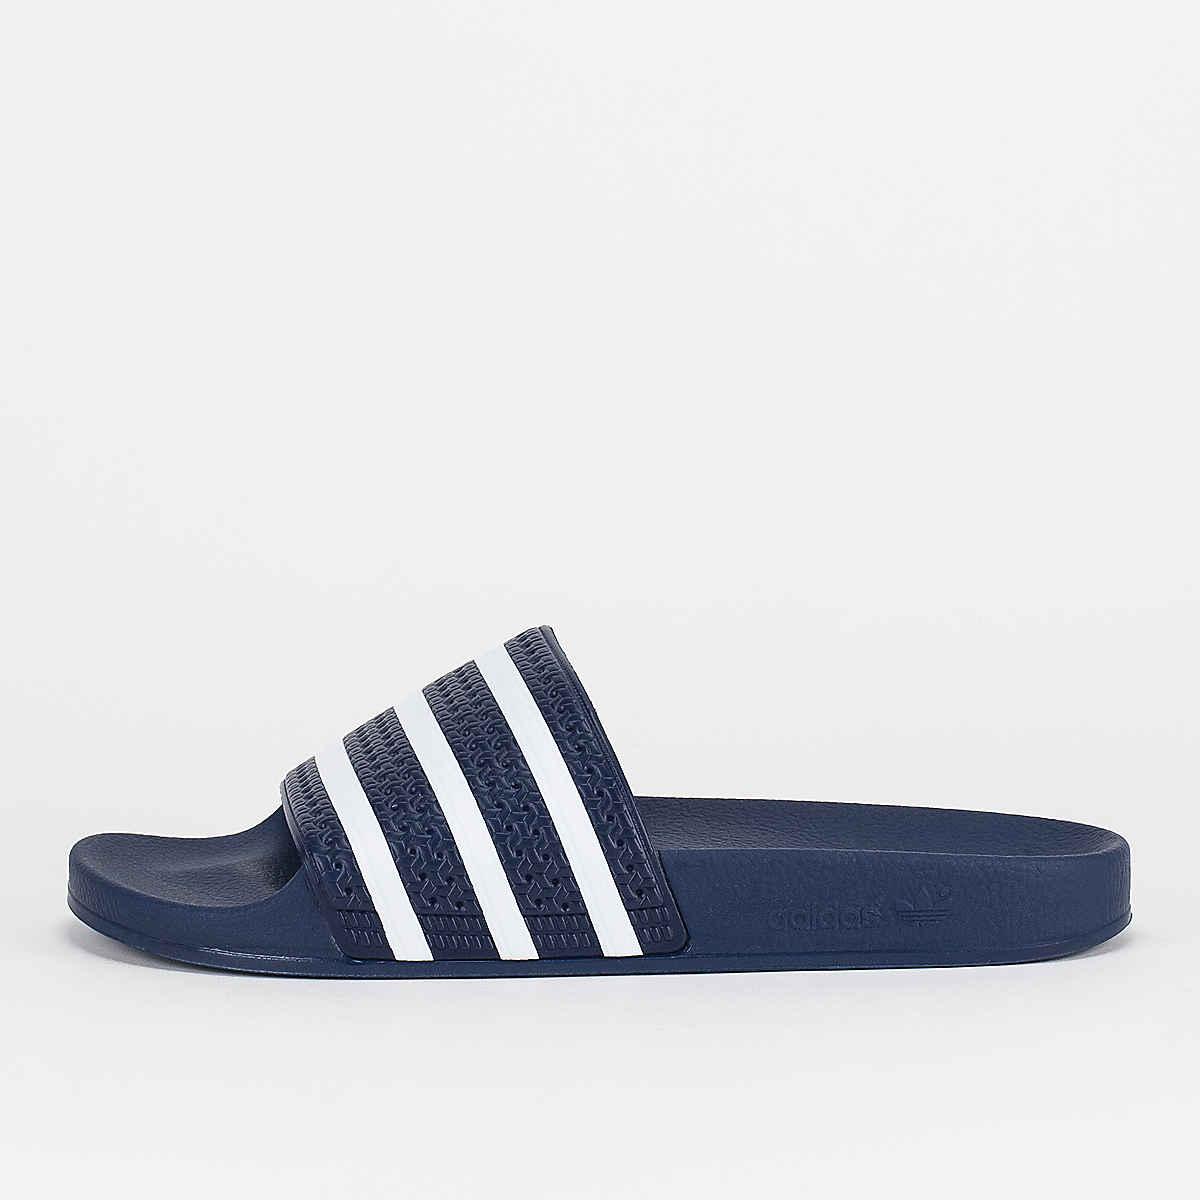 Adidas Adilette kindersneaker blauw